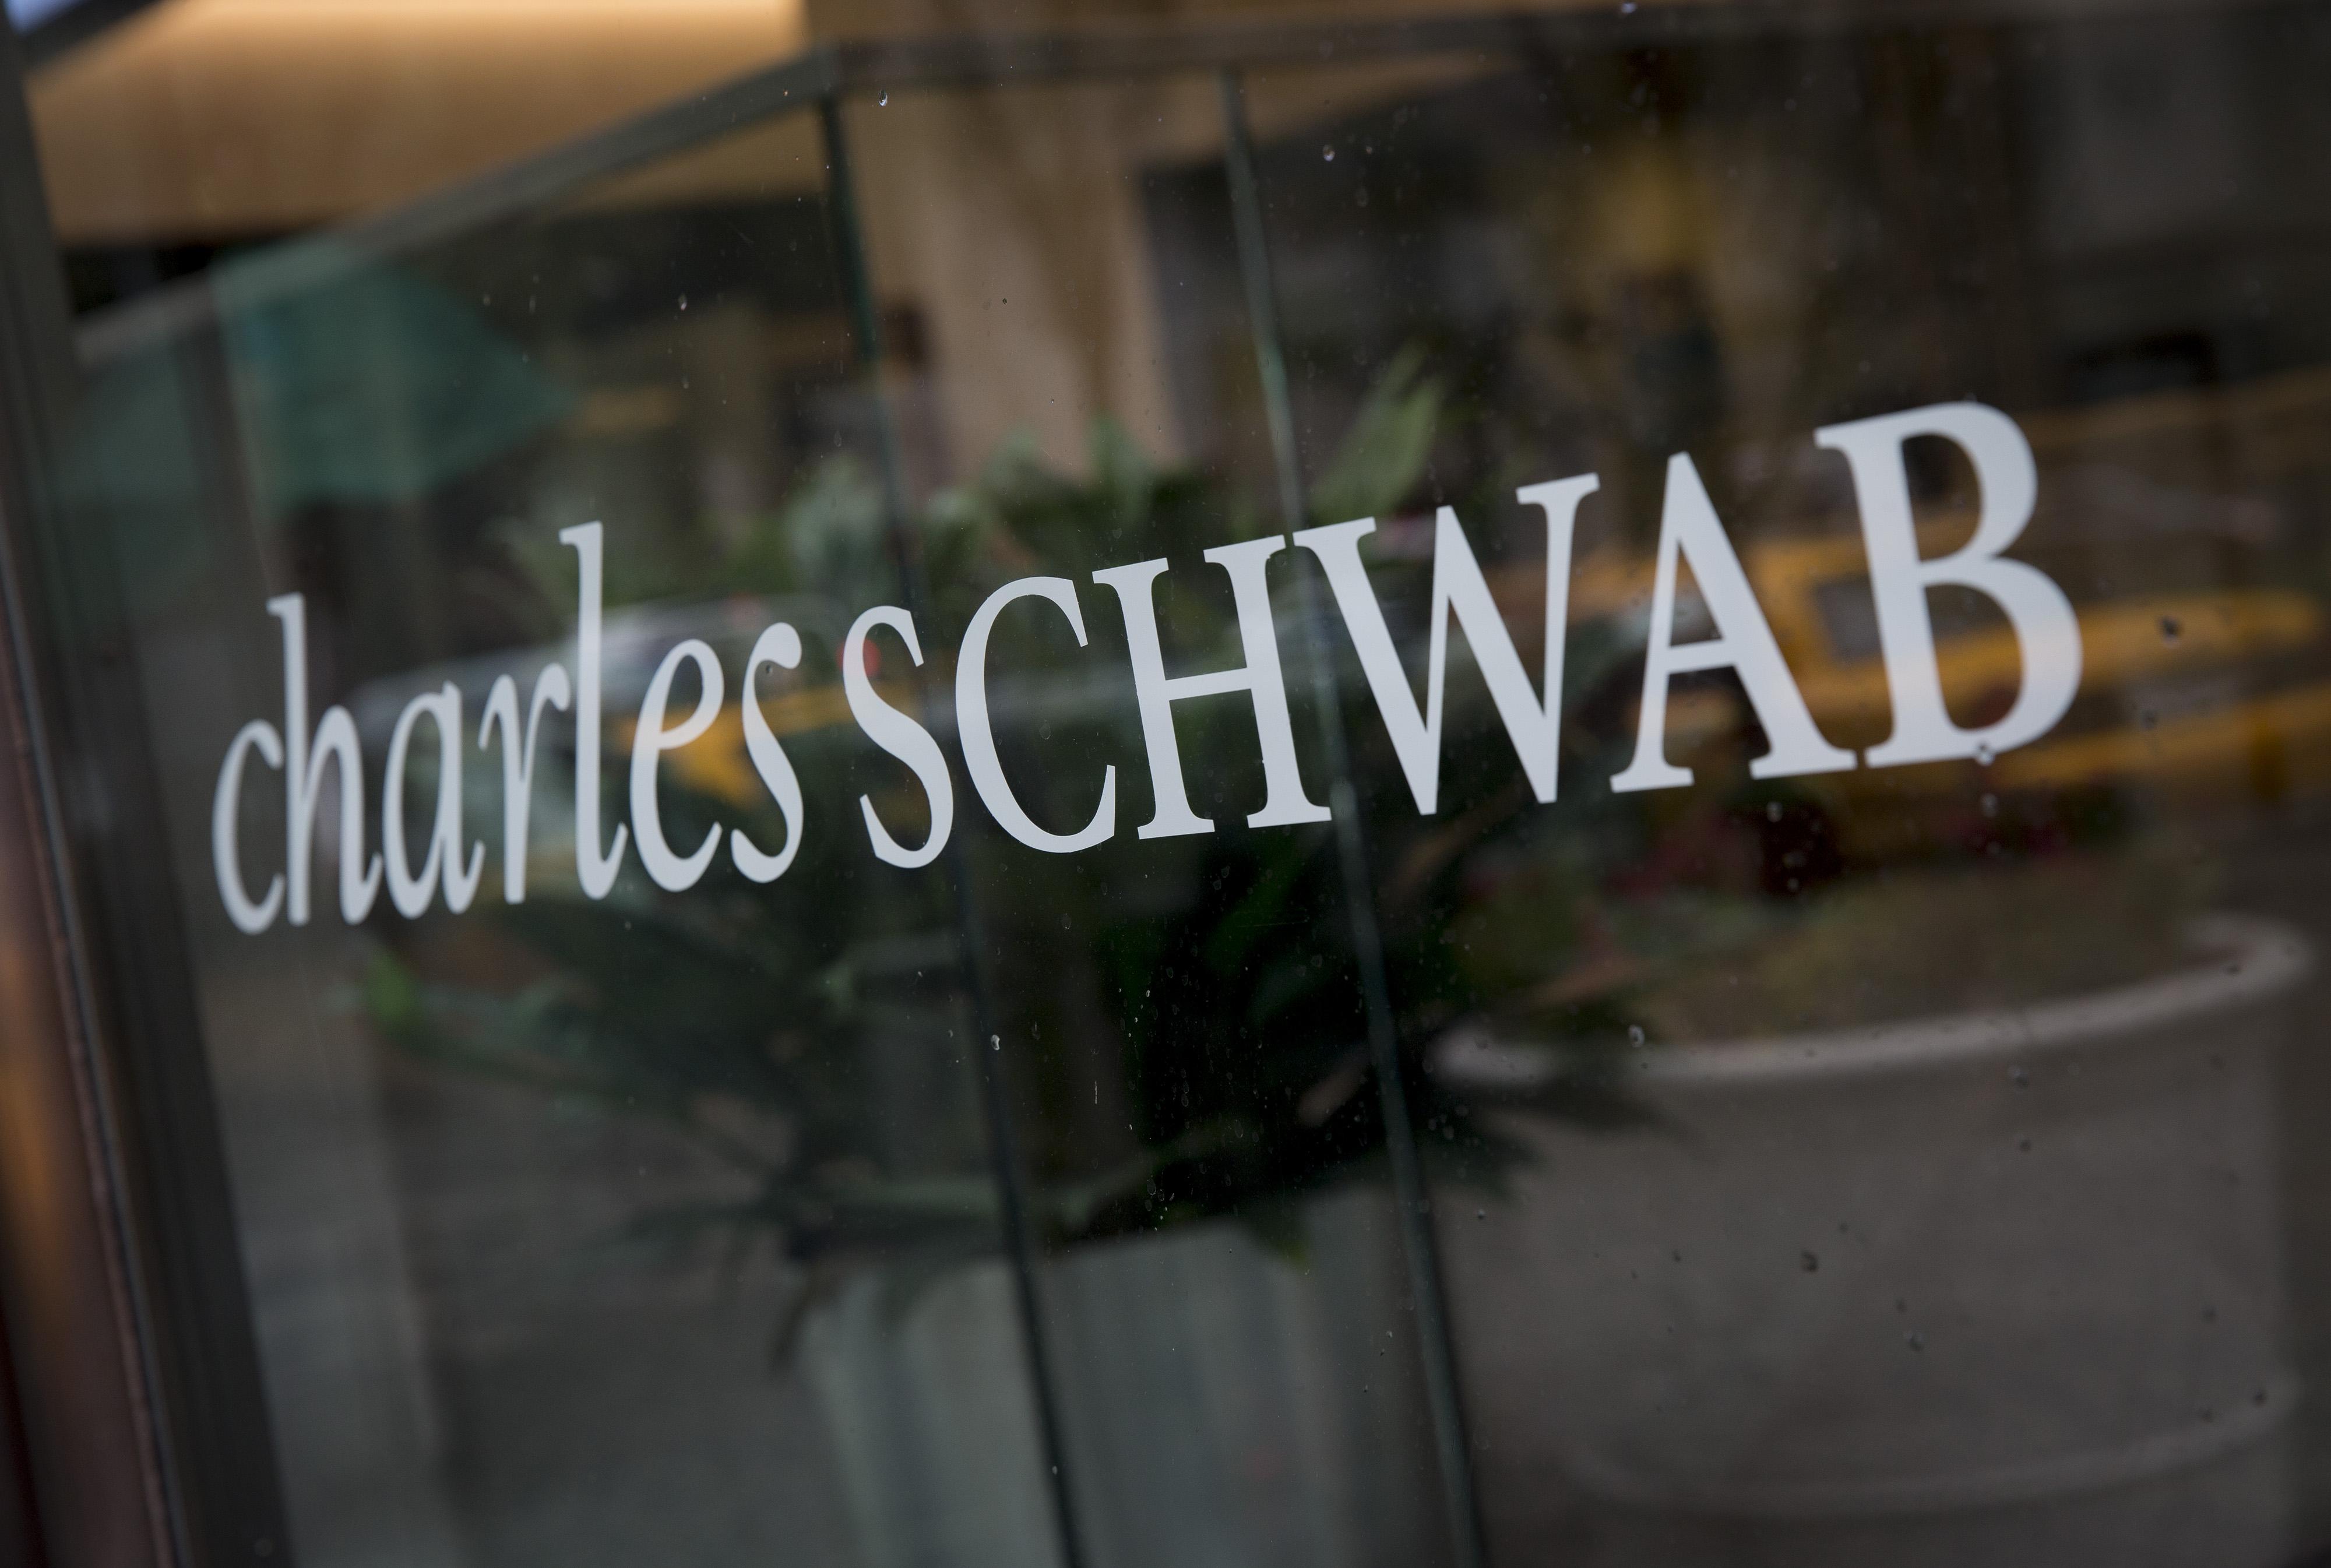 Charles Schwab Corp. Ahead of Earnings